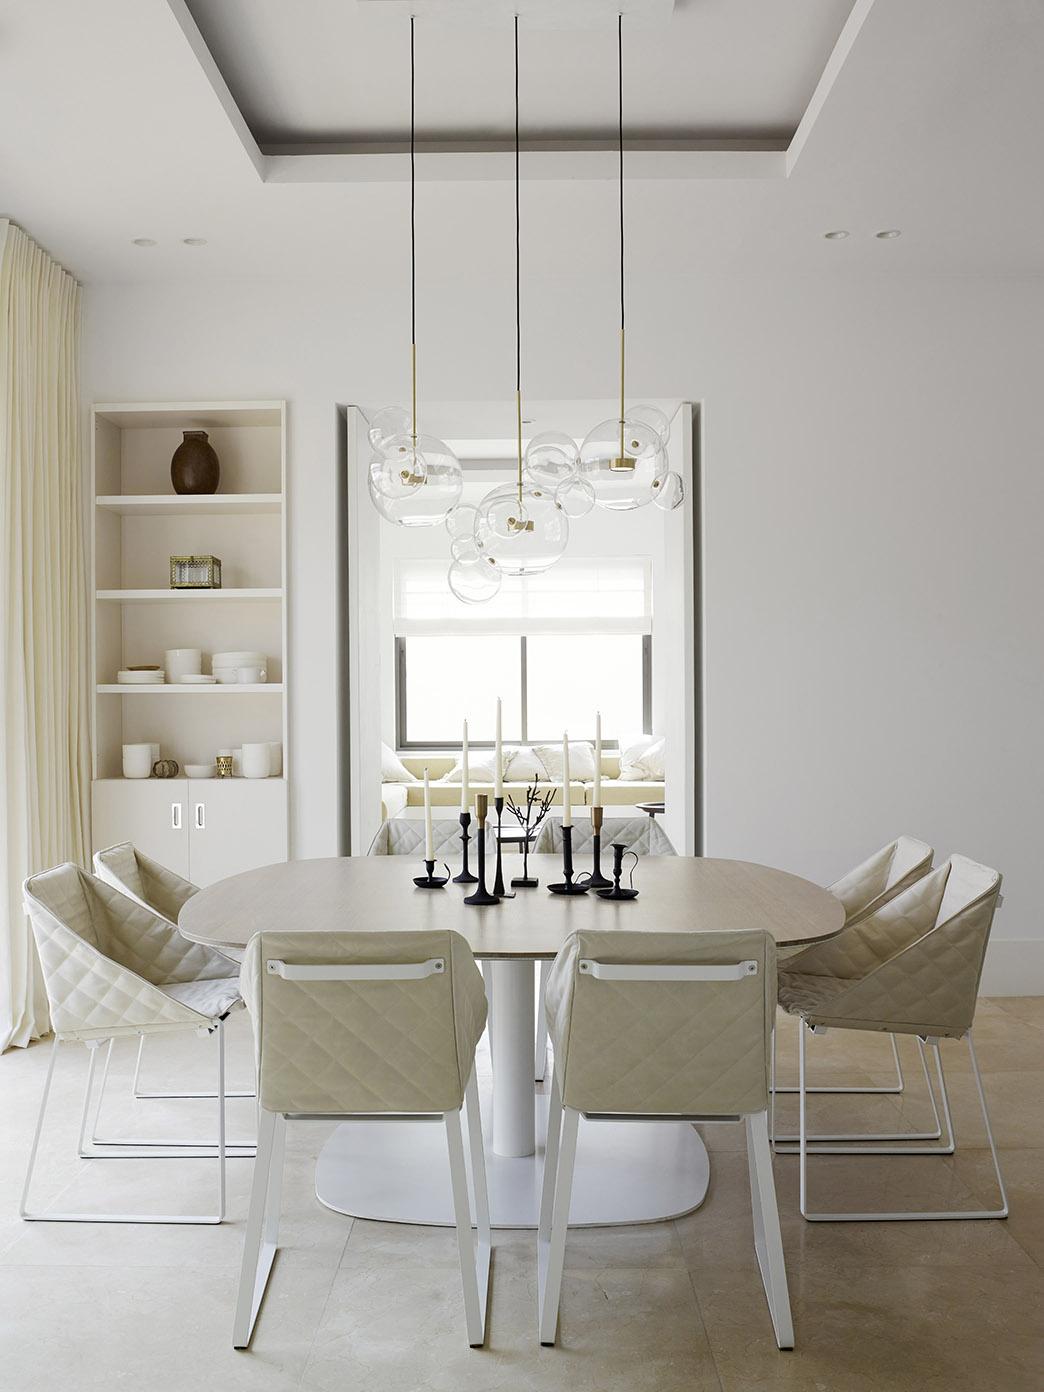 KEKKE Dining Table And Chair At Jawaher Villas Riyadh